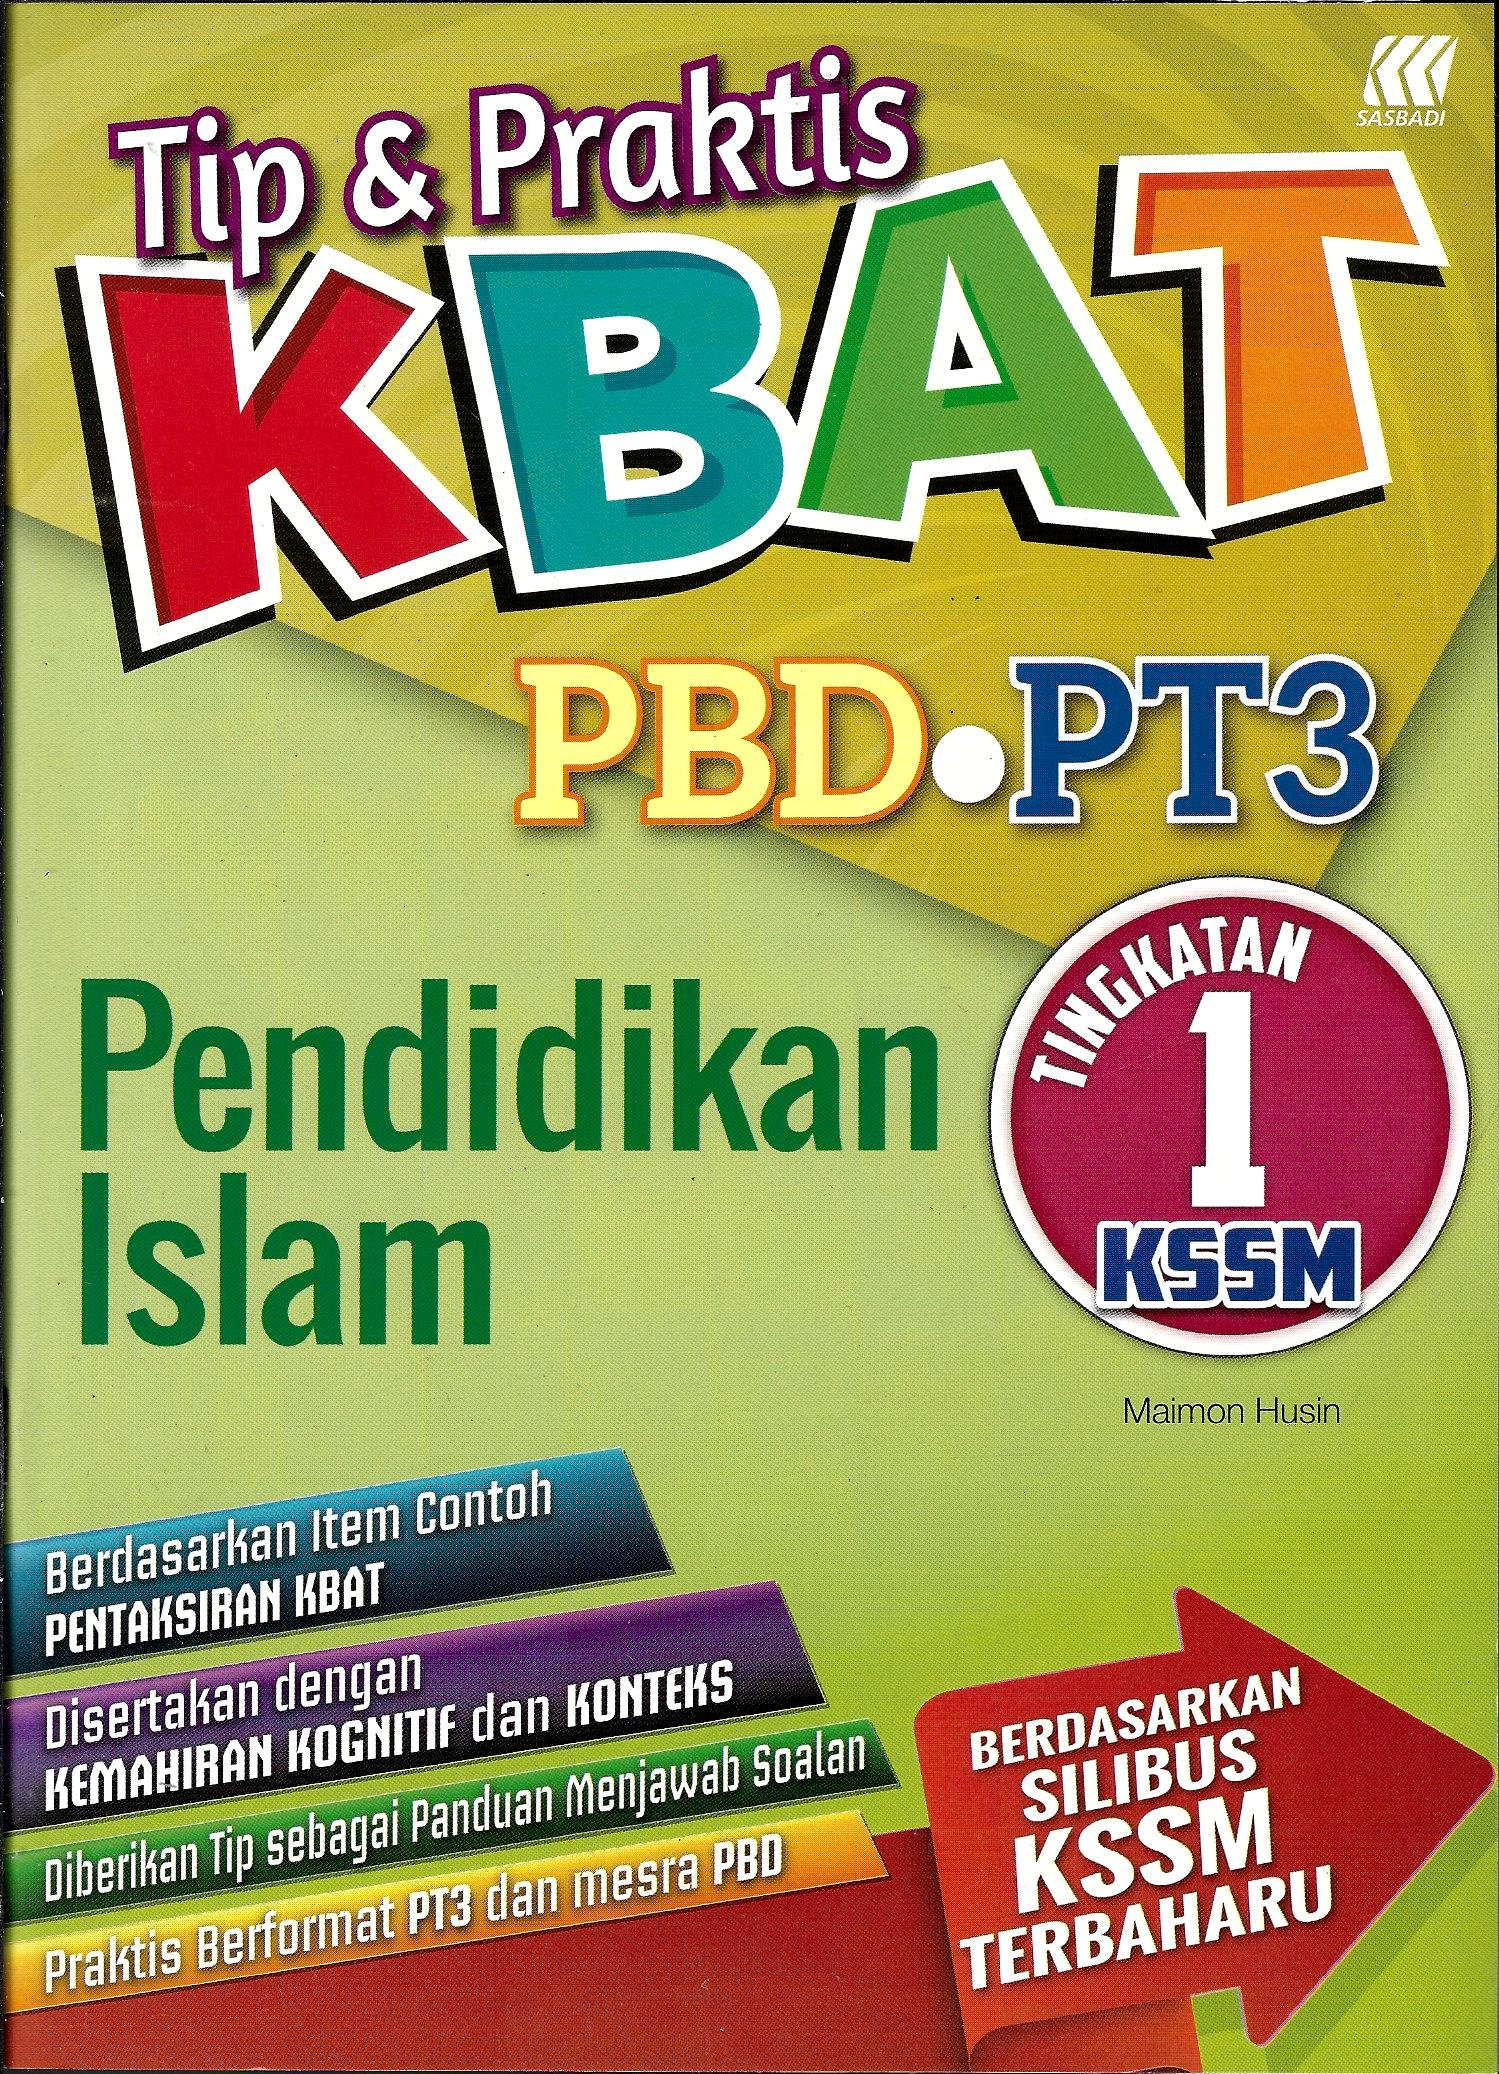 Tingkatan 1 Tip Praktis Kbat Pbd Pt3 Pendidikan Islam Tingkatan 1 Kssm